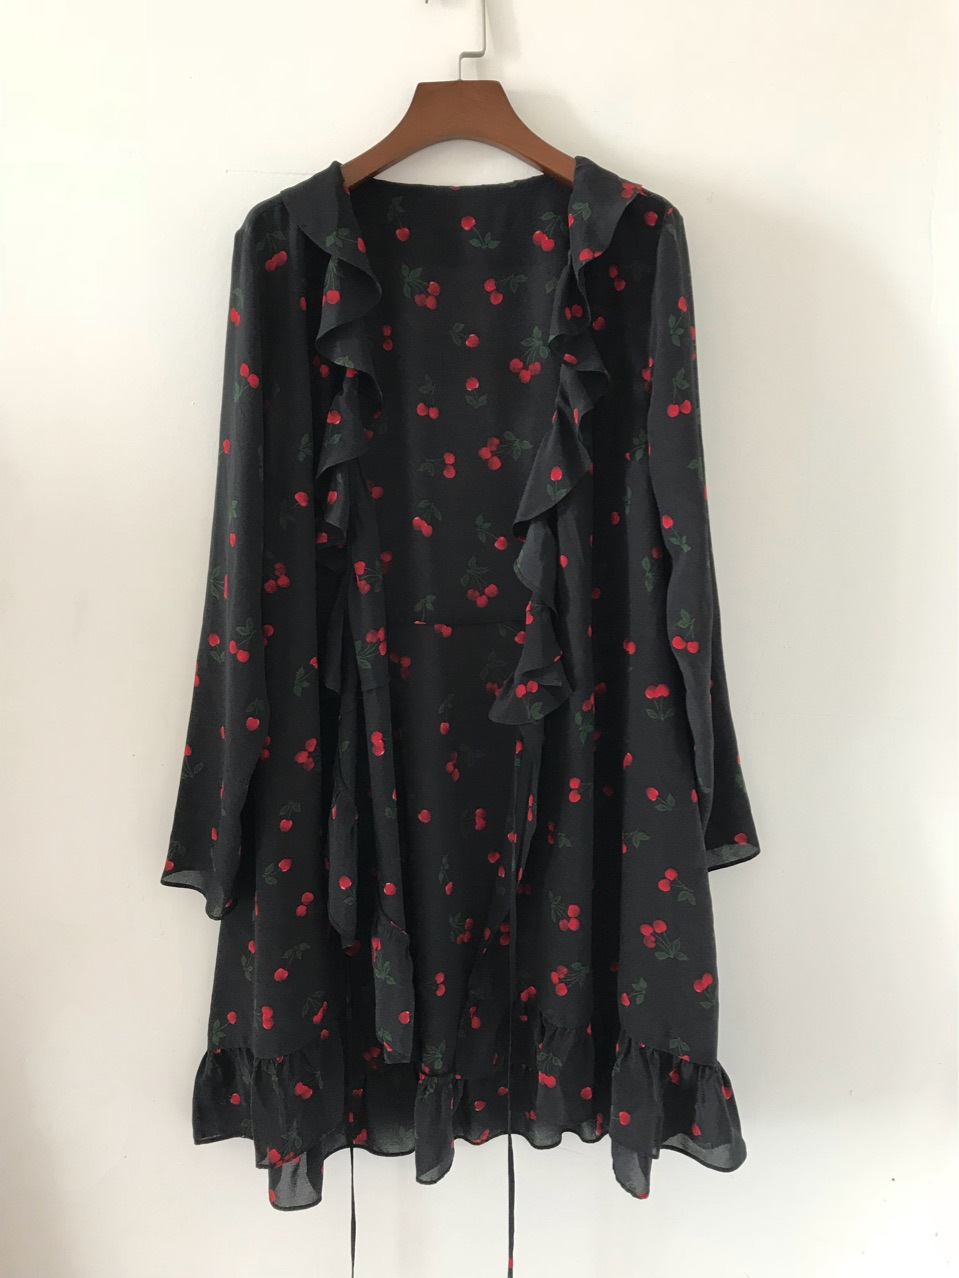 Manches Doux Soie Cerise Mini Robe 100 Femmes Volants Wrap Black Deep À V Longues Noir Imprimer Cou qf68wxw4A